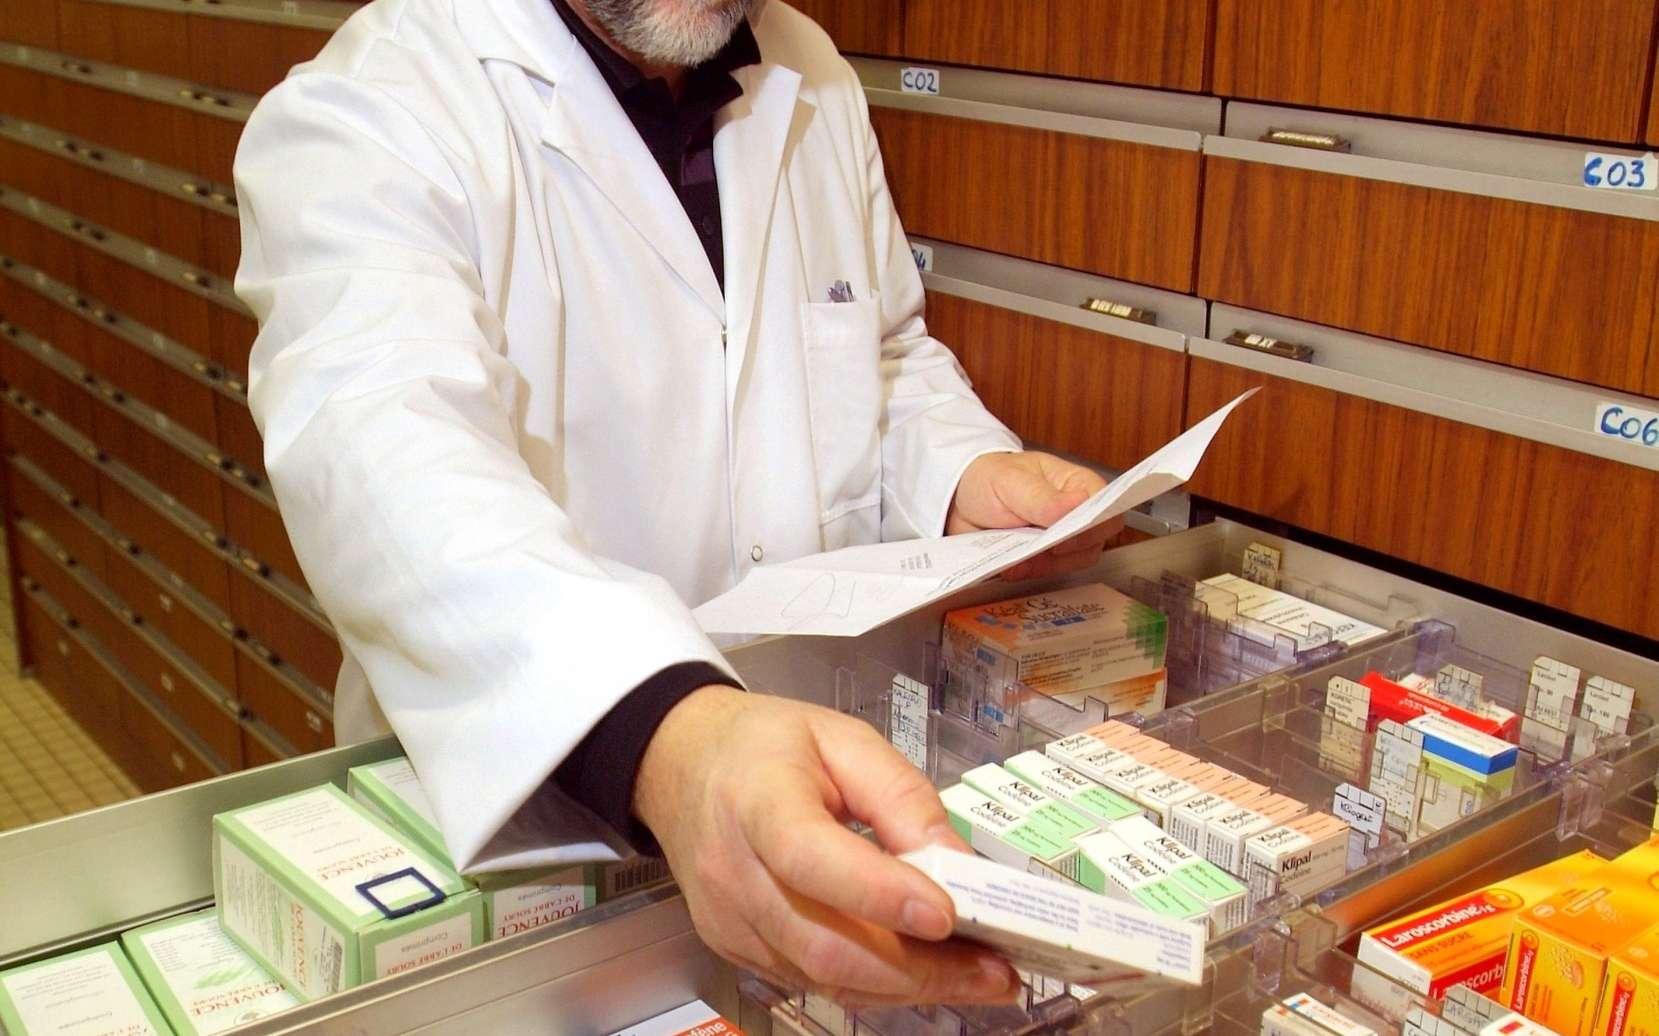 Grâce à la prescription en DCI, plus de problème à l'étranger pour suivre son traitement. Sachez que parfois une même DCI regroupe plus de 100 marques de médicaments ! © Phovoir